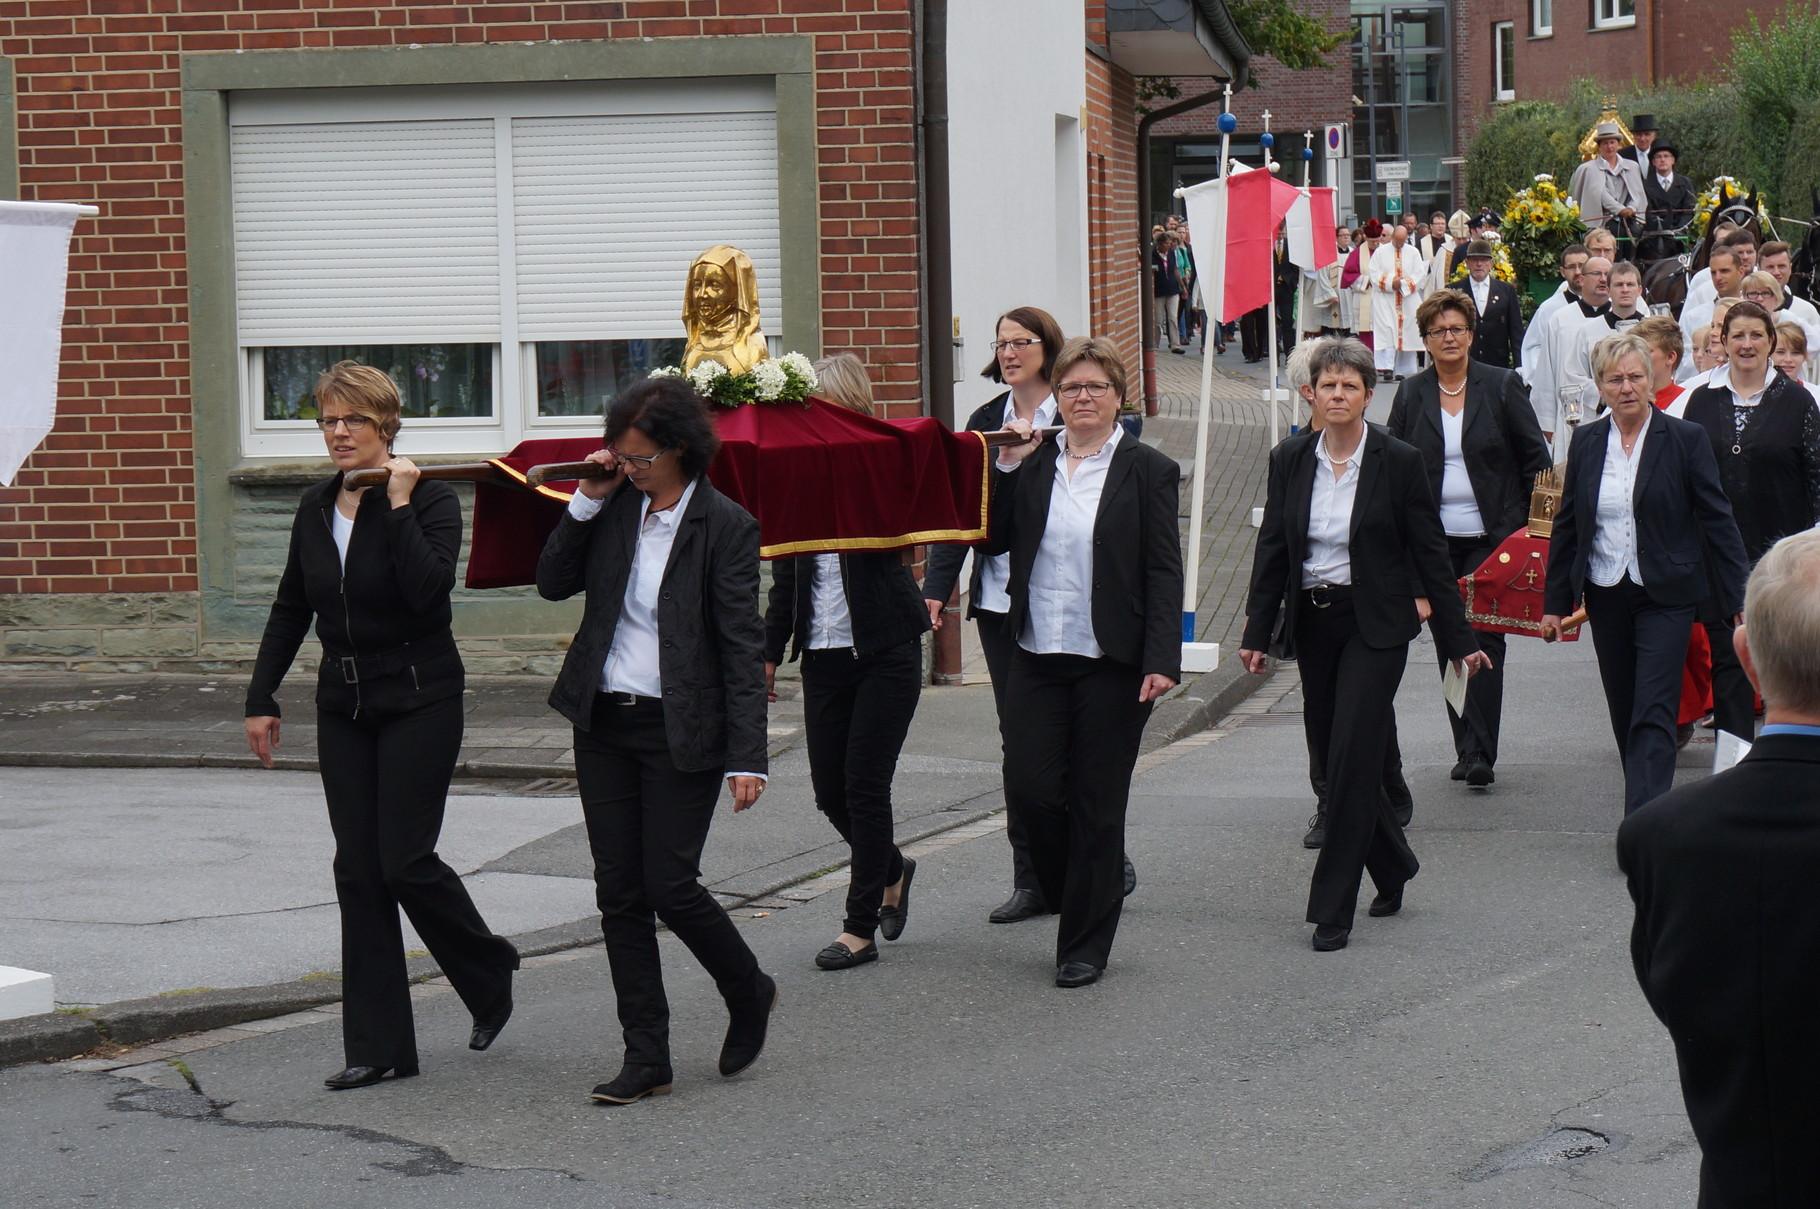 Prozession Alte Dorfstr. - Lippstädter Str.